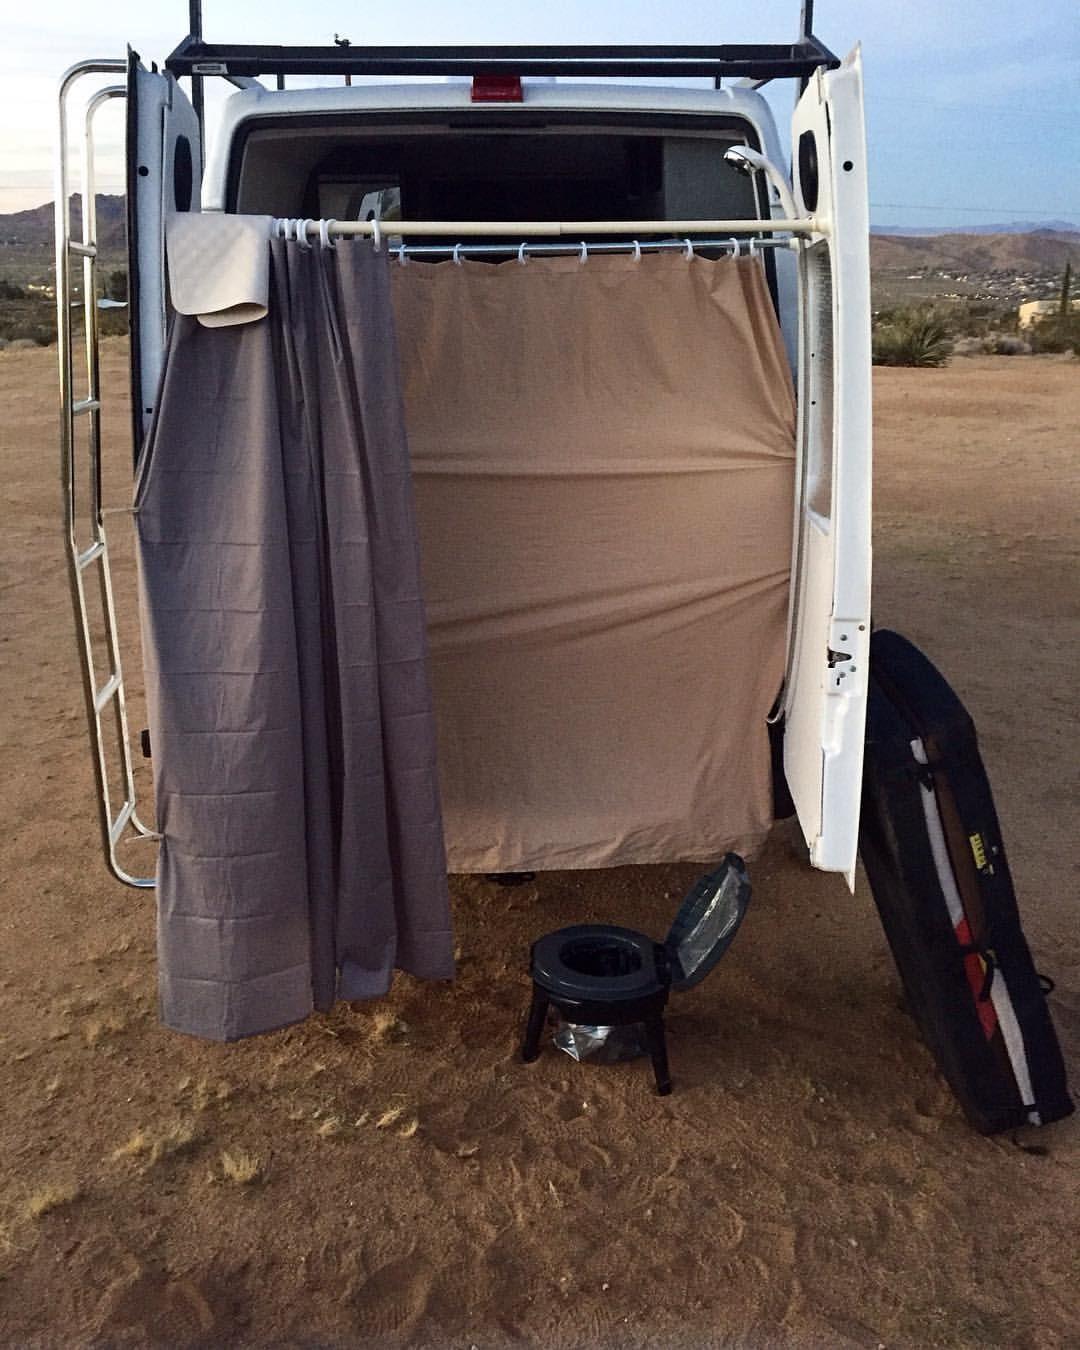 Sprinter Van Bathroom Kit: Van Life, Camper, Vans